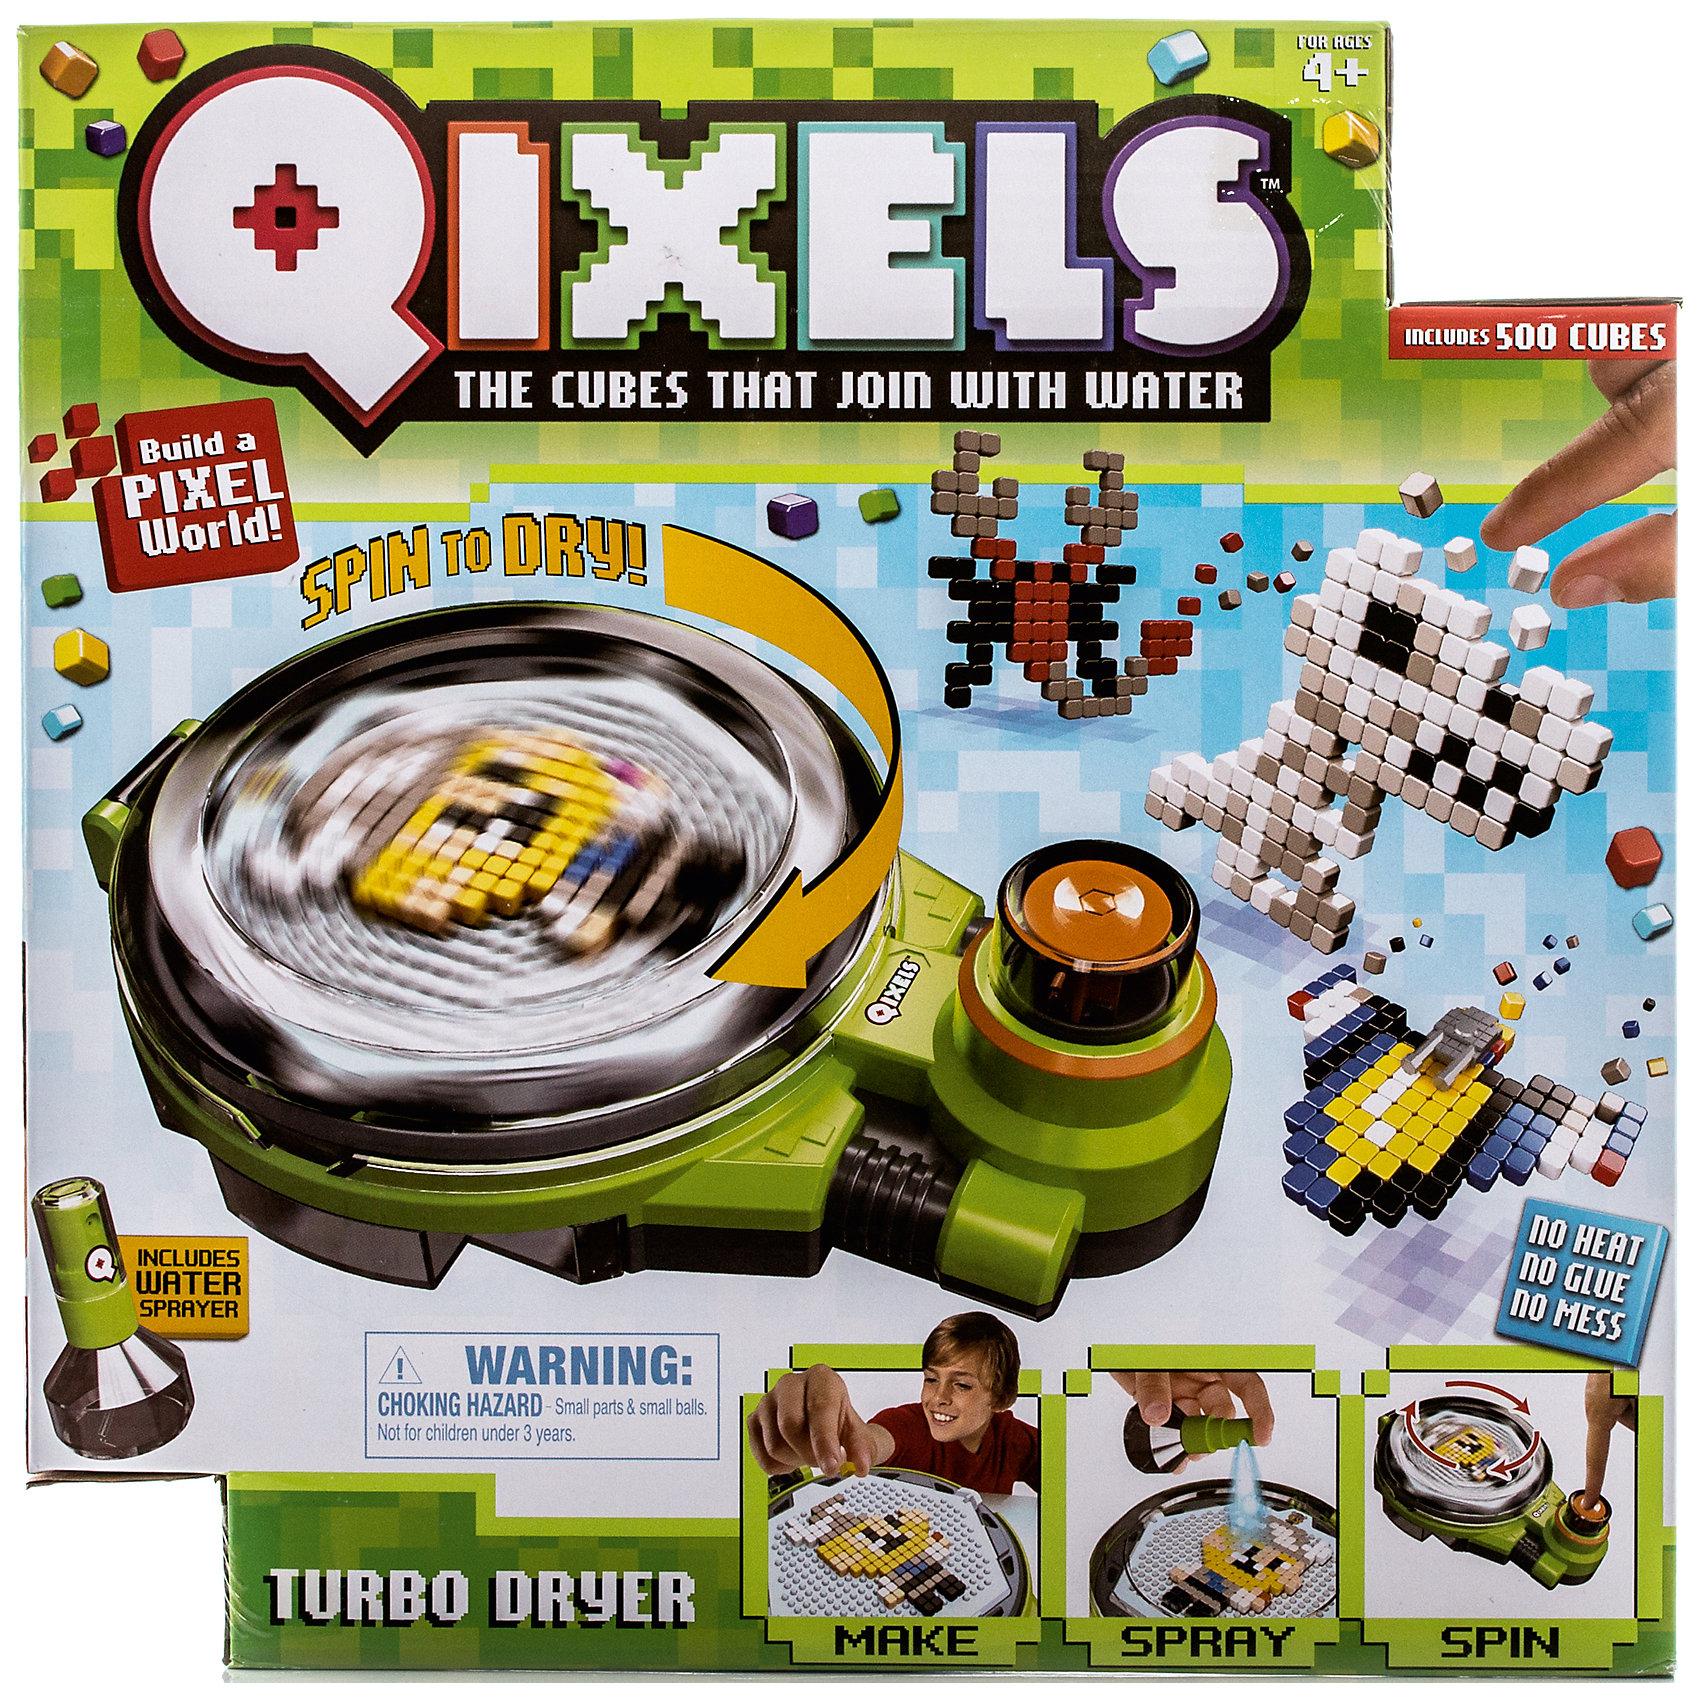 Набор для творчества Qixels Турбо сушкаНаборы для хобби и творчества Qixels (Квикселс) – это миниатюрные разноцветные кубики, которые скрепляются с помощью обыкновенной воды! Создайте фигурку, смочите её водой, поместите в турбо-сушку и дождитесь полного высыхания. Всего через каких-то 15 минут Ваша фигурка будет готова и с ней можно играть как с обычной игрушкой! Игровой набор подойдет как для мальчиков, так и для девочек. Вы можете использовать готовые лекала, входящие в комплект набора или фантазировать на свободные темы!<br>В комплект набора входит:<br>1 x Турбо сушка;<br>500 x кубиков;<br>2 x дизайн лотка;<br>4 x дизайн лекала;<br>2 x Опоры;<br>2 x Базы;<br>2 x Аксессуара;<br>1 x бирка и нить;<br>1 x емкость для хранения кубиков;<br>1 x распылитель для воды;<br>1 x инструкция.<br><br>Ширина мм: 80<br>Глубина мм: 290<br>Высота мм: 290<br>Вес г: 913<br>Возраст от месяцев: 72<br>Возраст до месяцев: 180<br>Пол: Унисекс<br>Возраст: Детский<br>SKU: 5032646